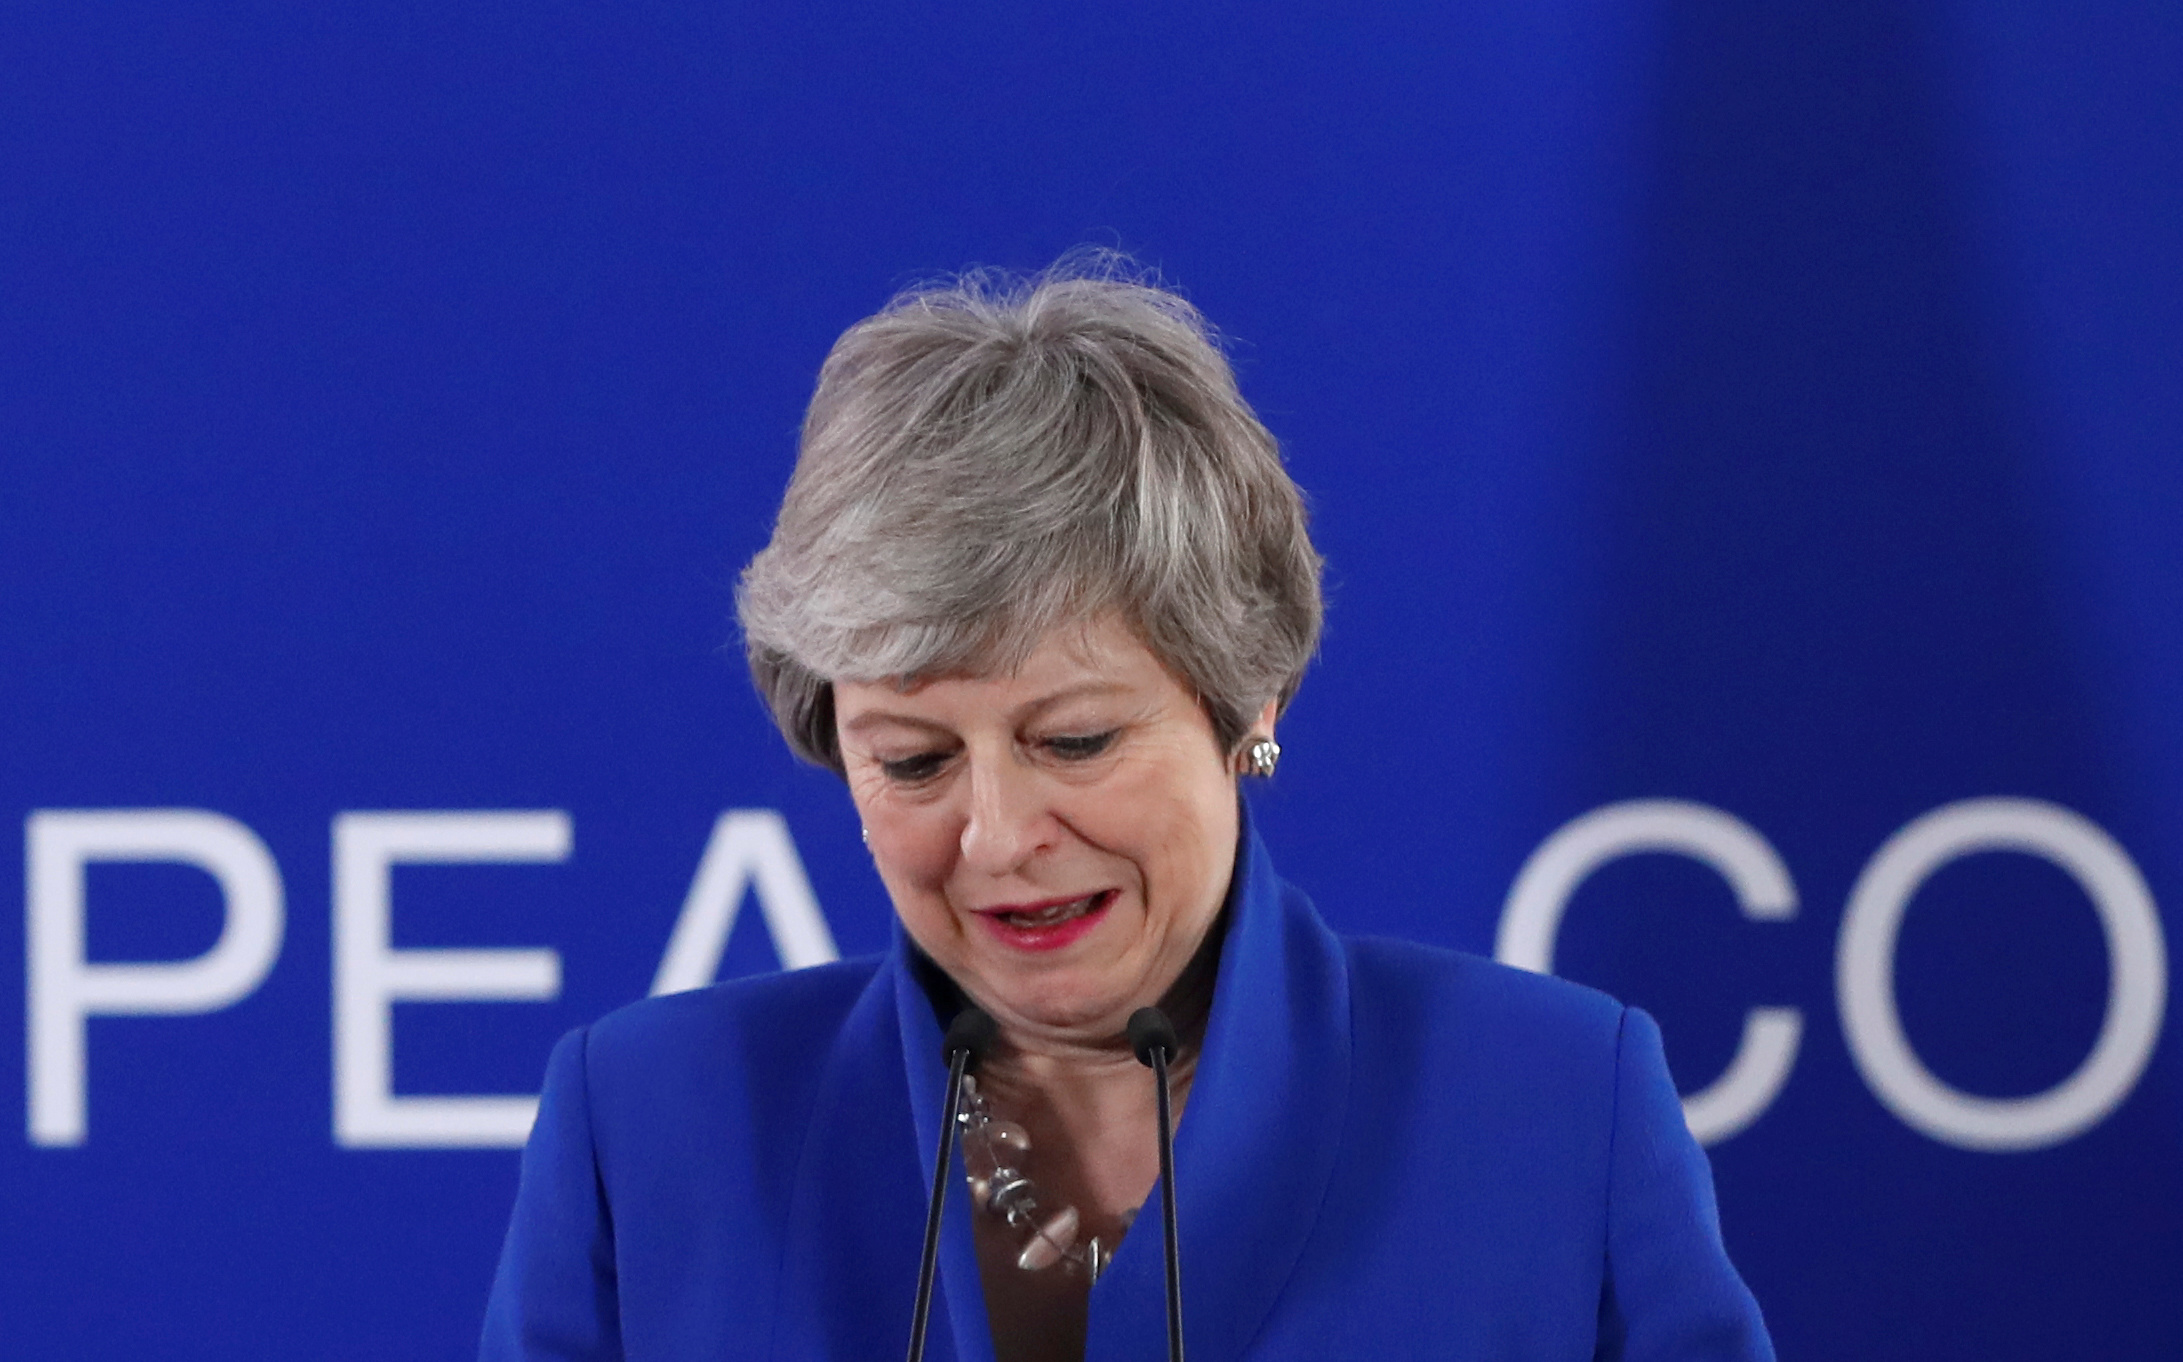 ماى فى موقف حرج بعد رفض اتفاقها مع أوروبا من قبل البرلمان البريطانى